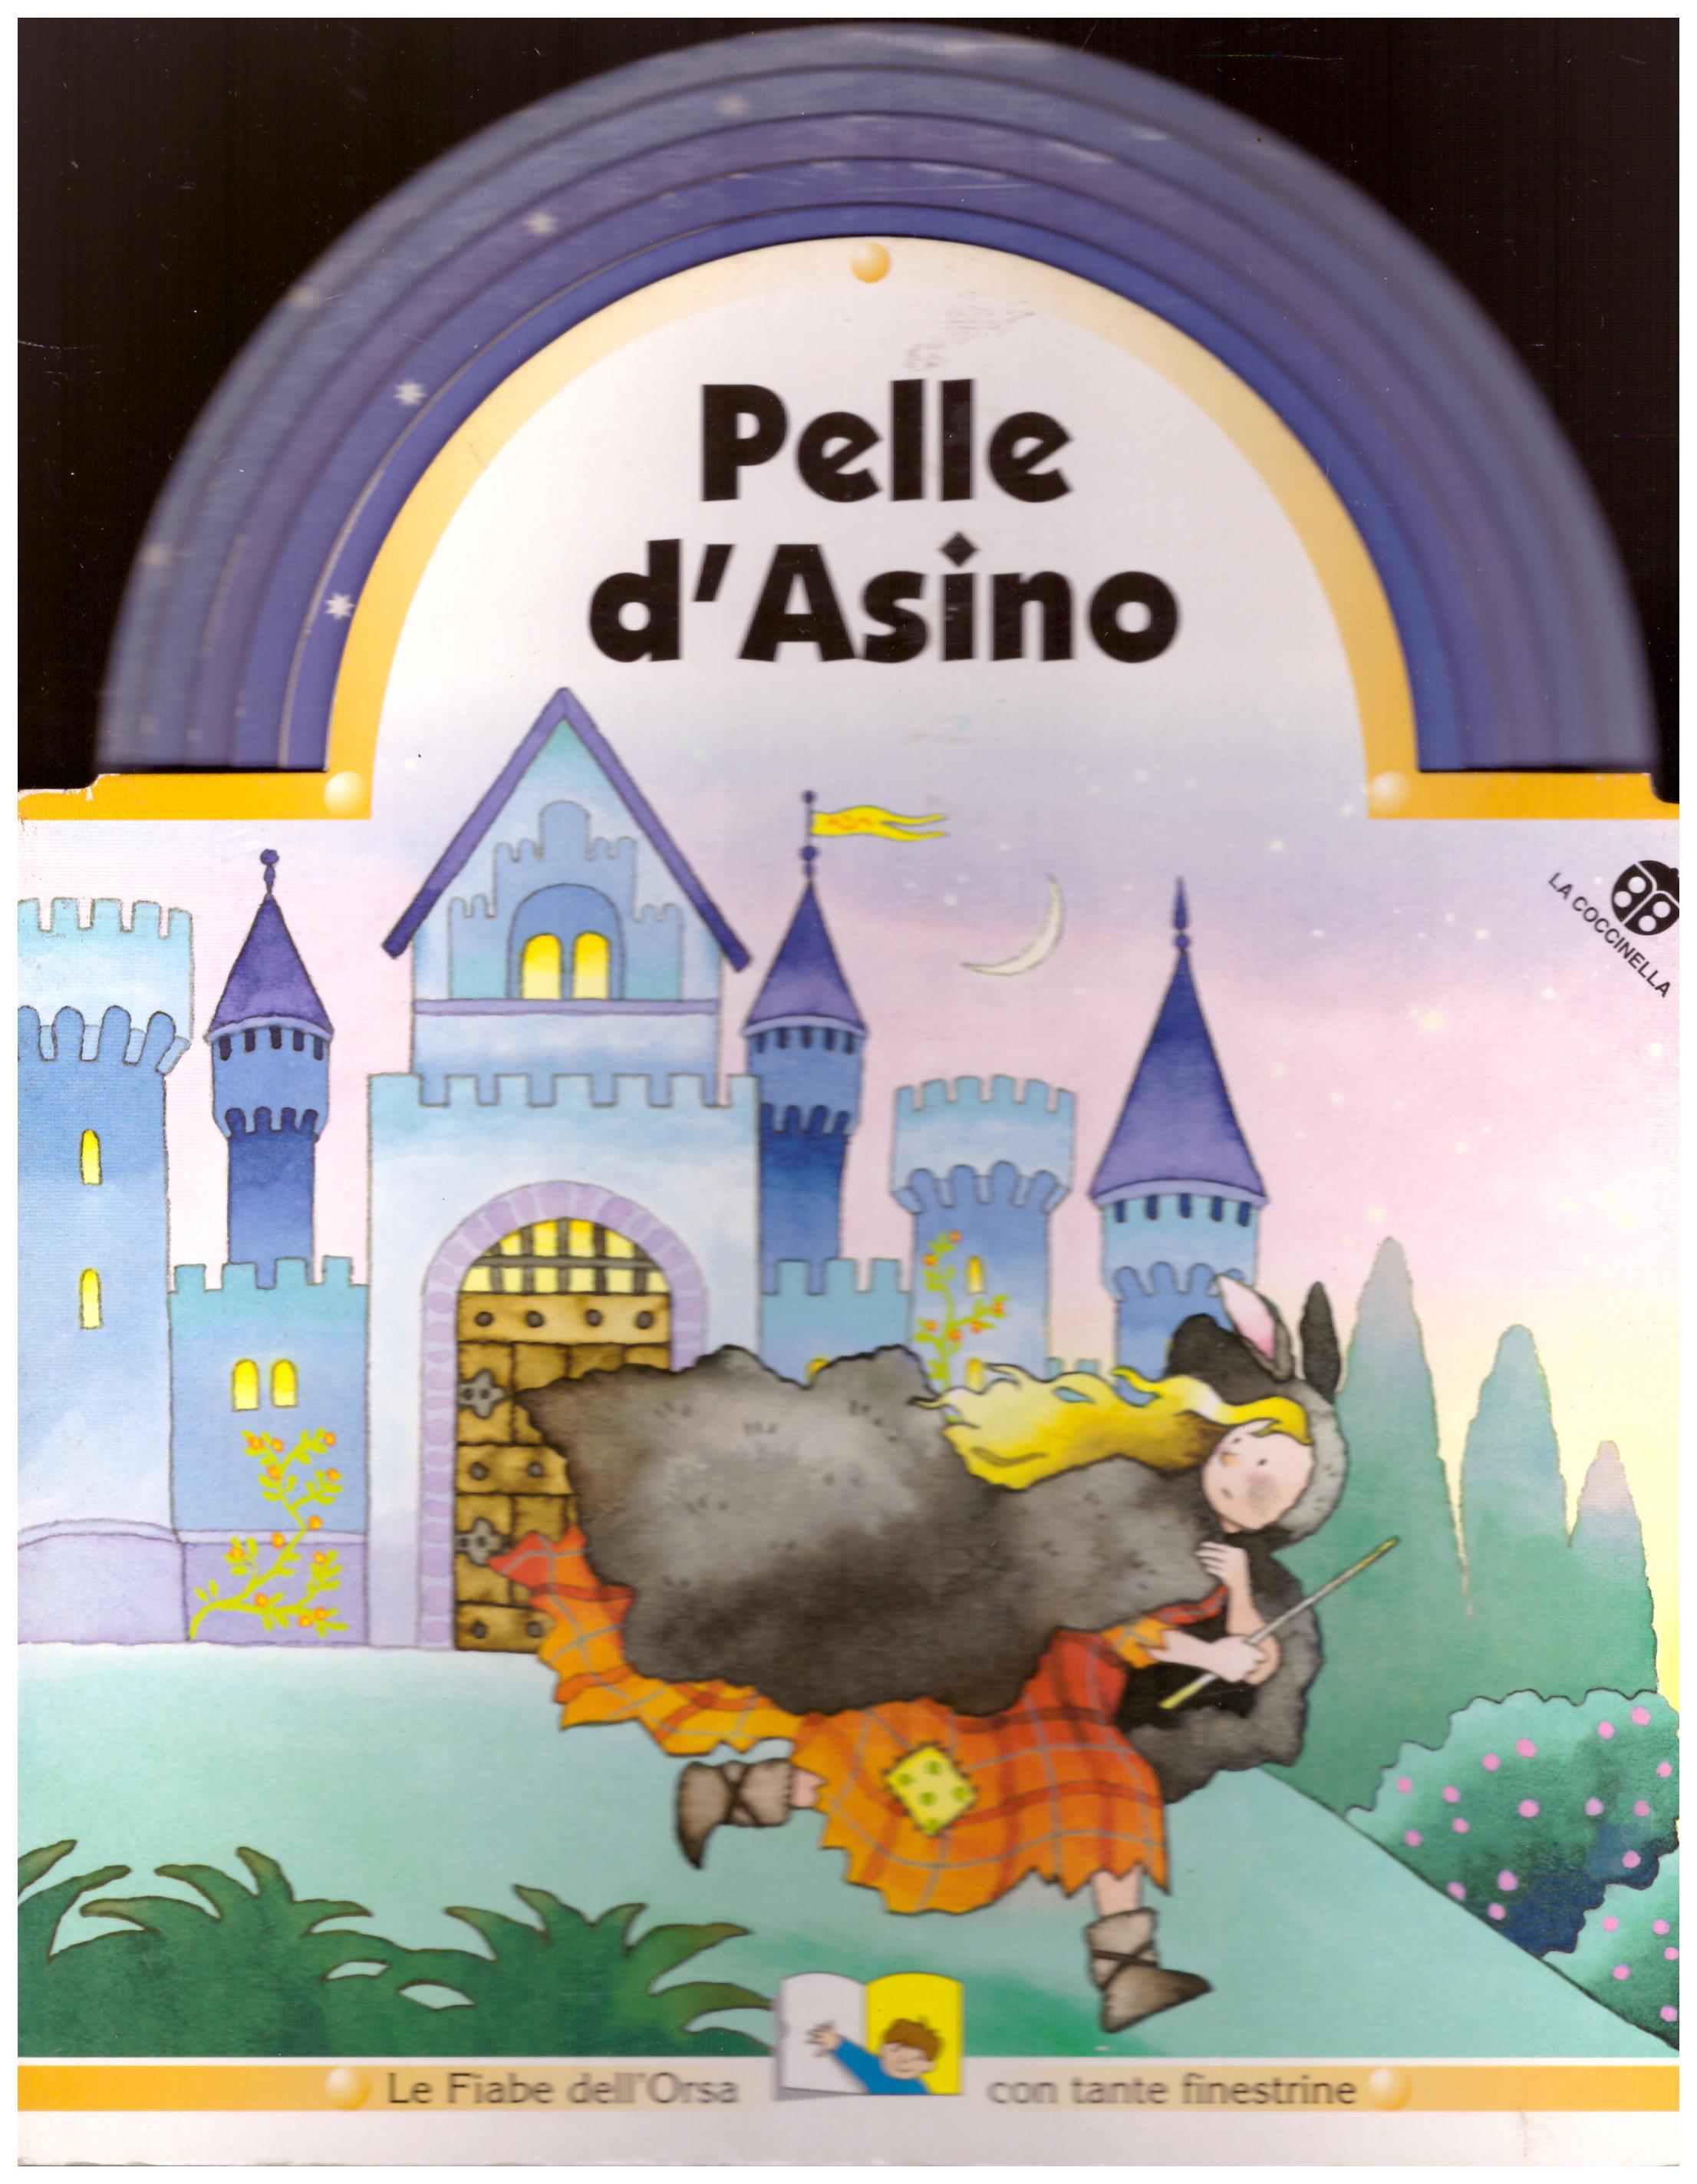 Titolo: Pelle d'asino Autore: AA.VV.  Editore: la coccinella, 1989